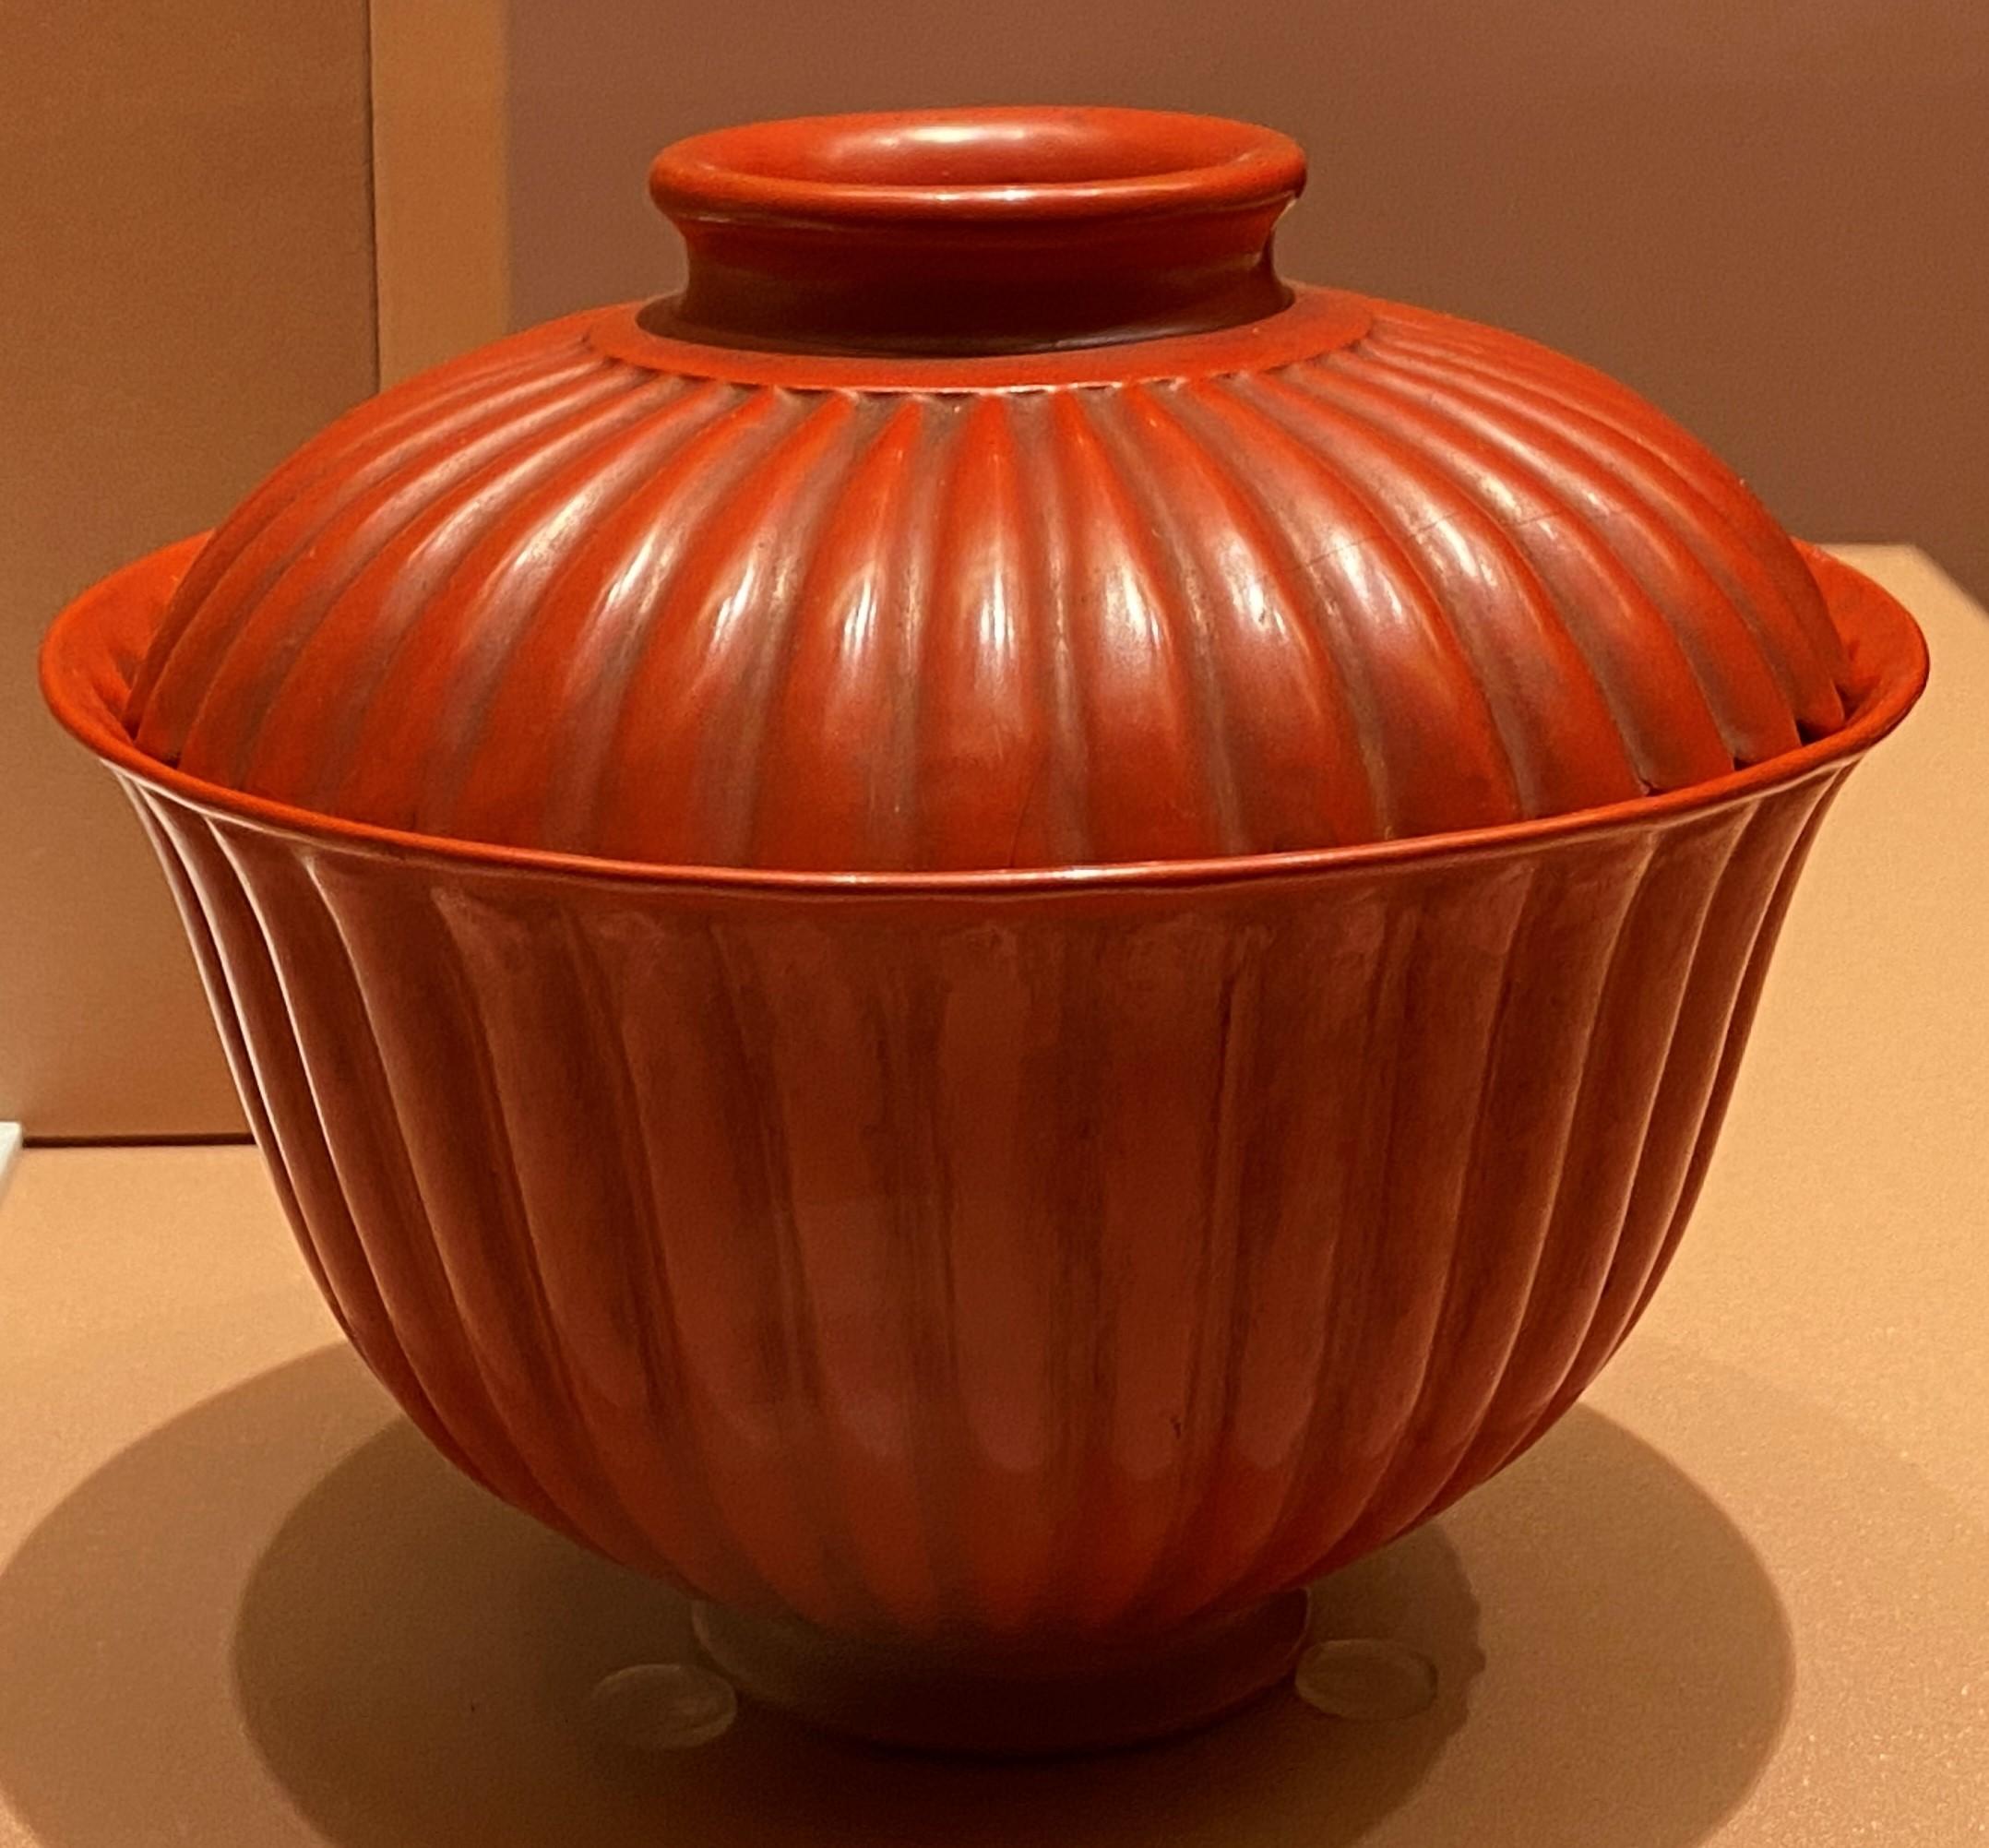 乾隆款菊瓣朱漆蓋碗-清時代-特別展【食味人間】四川博物院・中国国家博物館